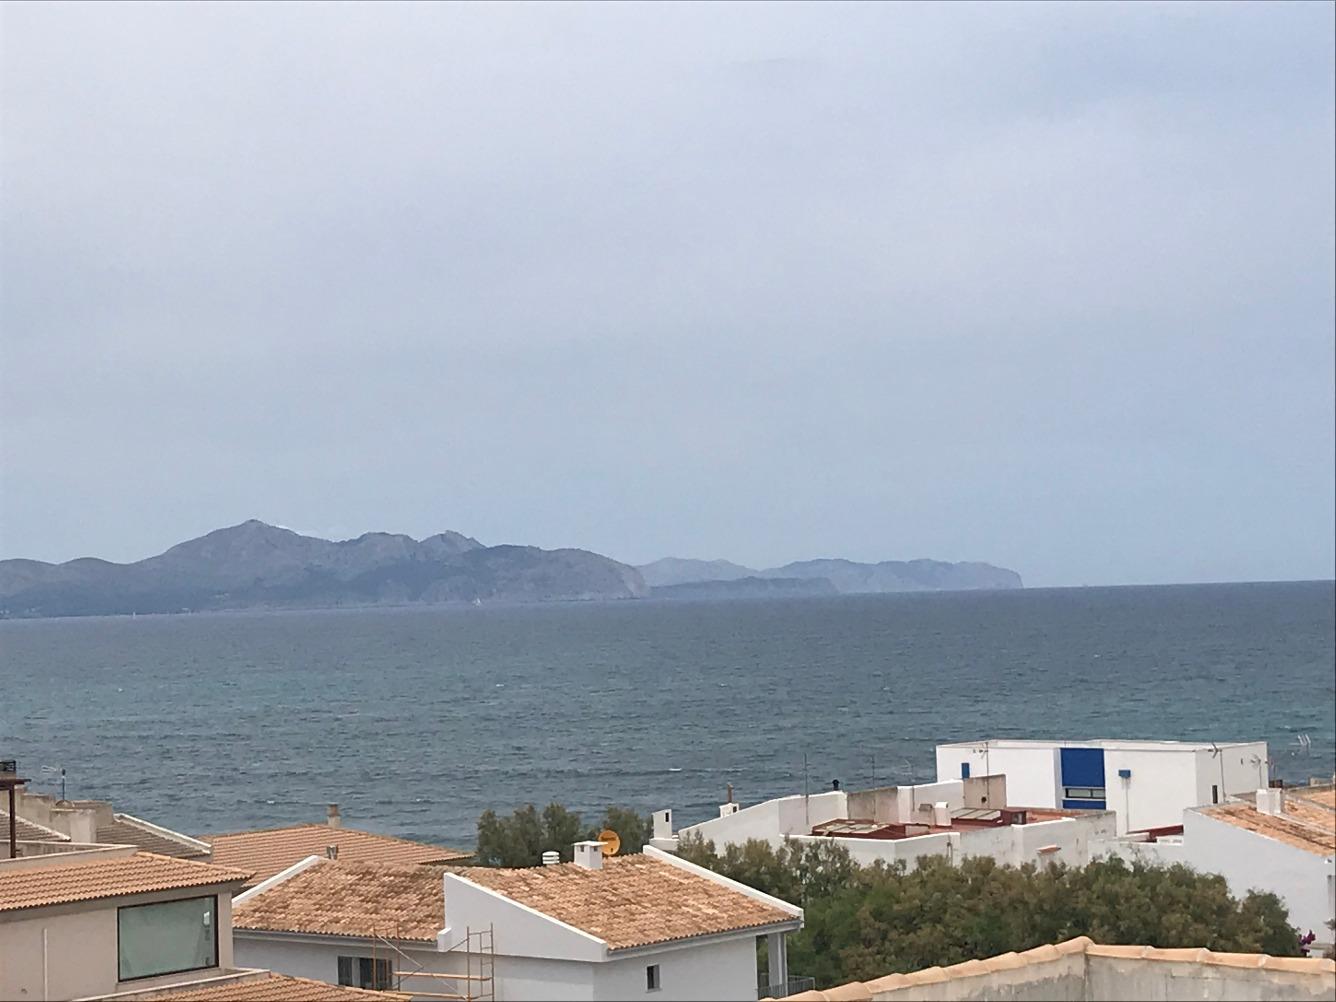 Casa  Son serra-muro - santa margalida, zona de - santa margalida. Moderno unifamiliar a pocos metros del mar!!!